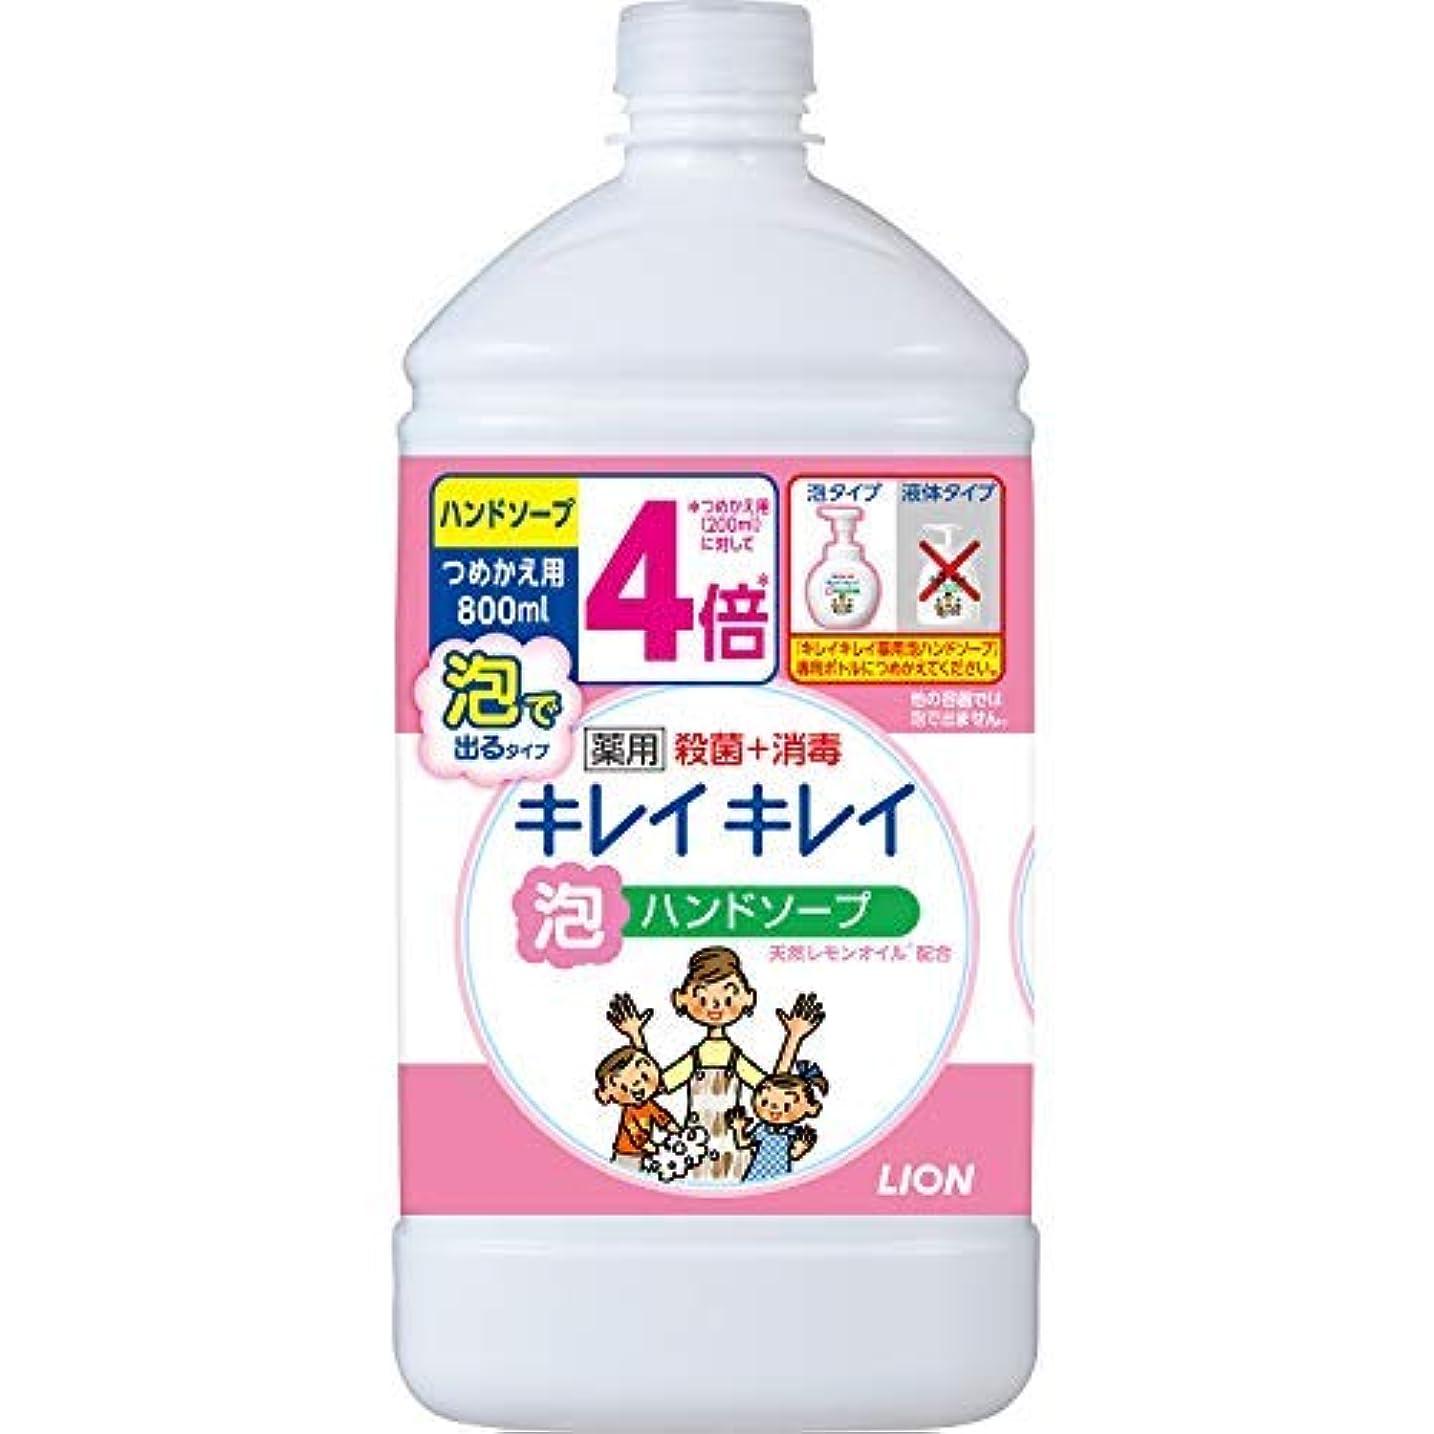 害セミナー砂キレイキレイ 薬用泡ハンドソープ つめかえ用特大サイズ シトラスフルーティ × 3個セット